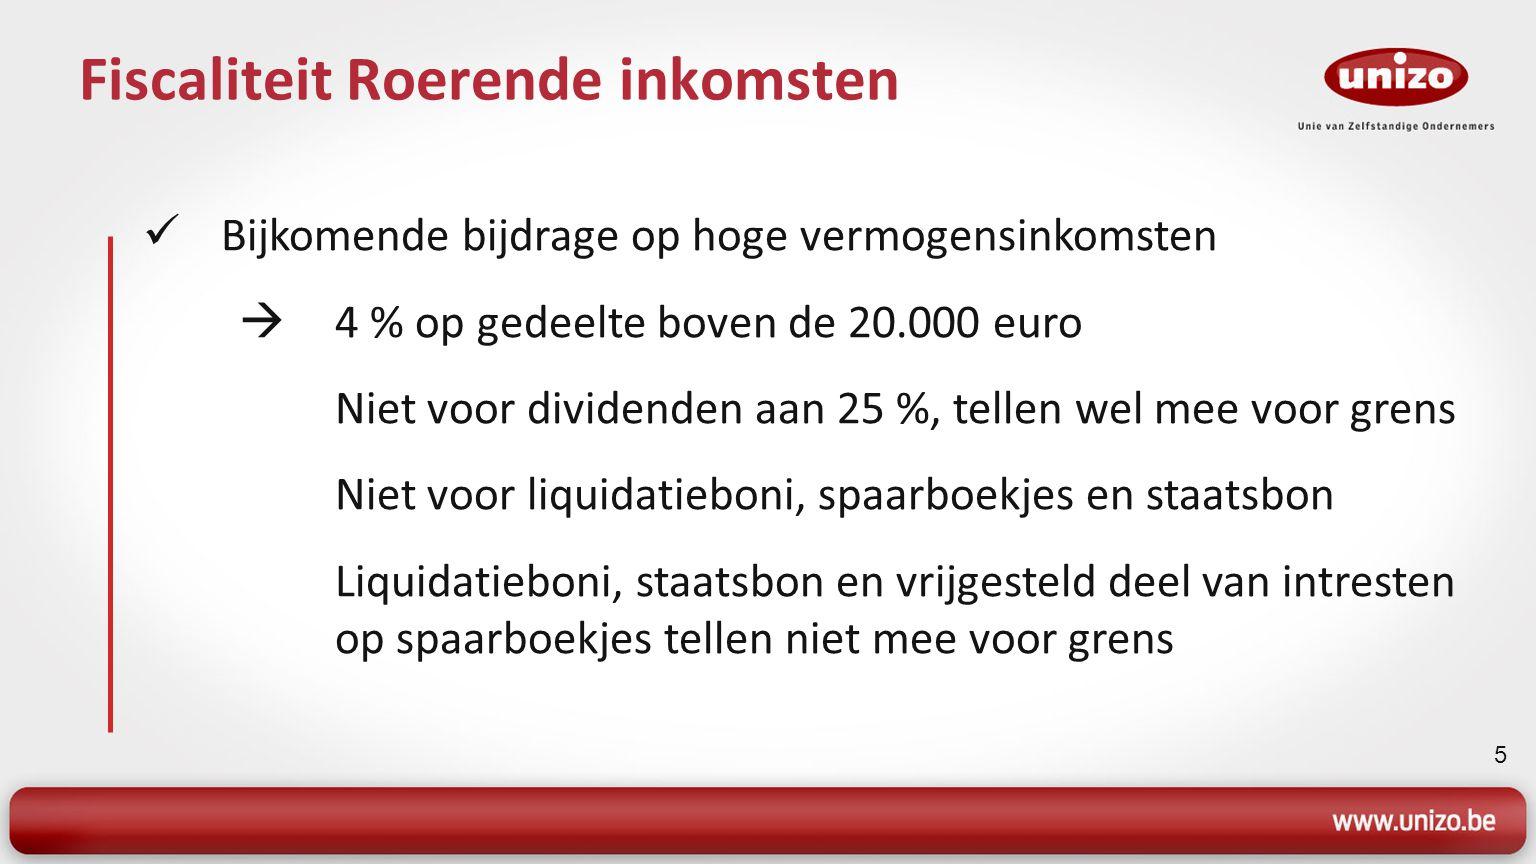 5 Fiscaliteit Roerende inkomsten Bijkomende bijdrage op hoge vermogensinkomsten  4 % op gedeelte boven de 20.000 euro Niet voor dividenden aan 25 %,